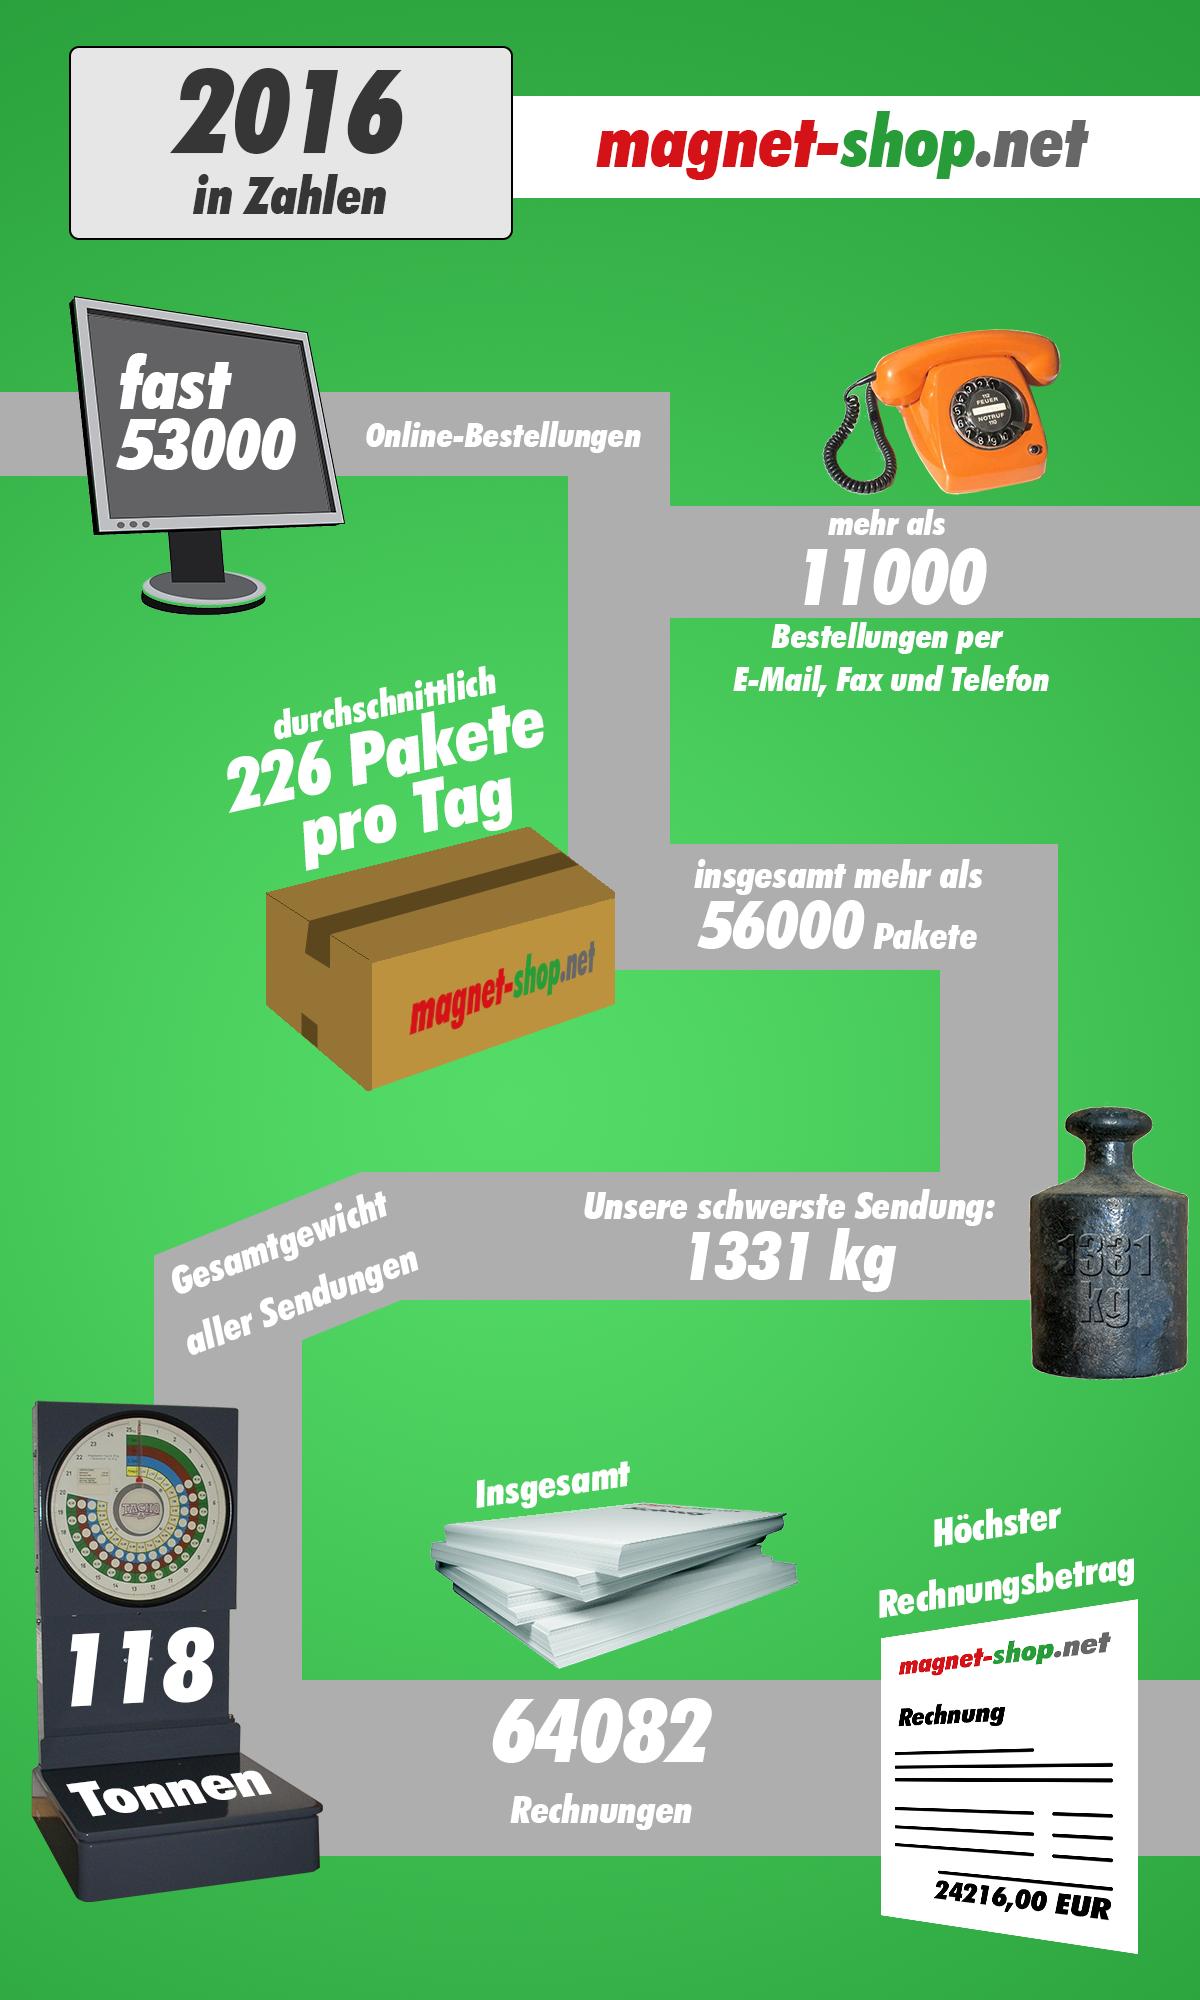 Unser Jahr 2016 in Zahlen